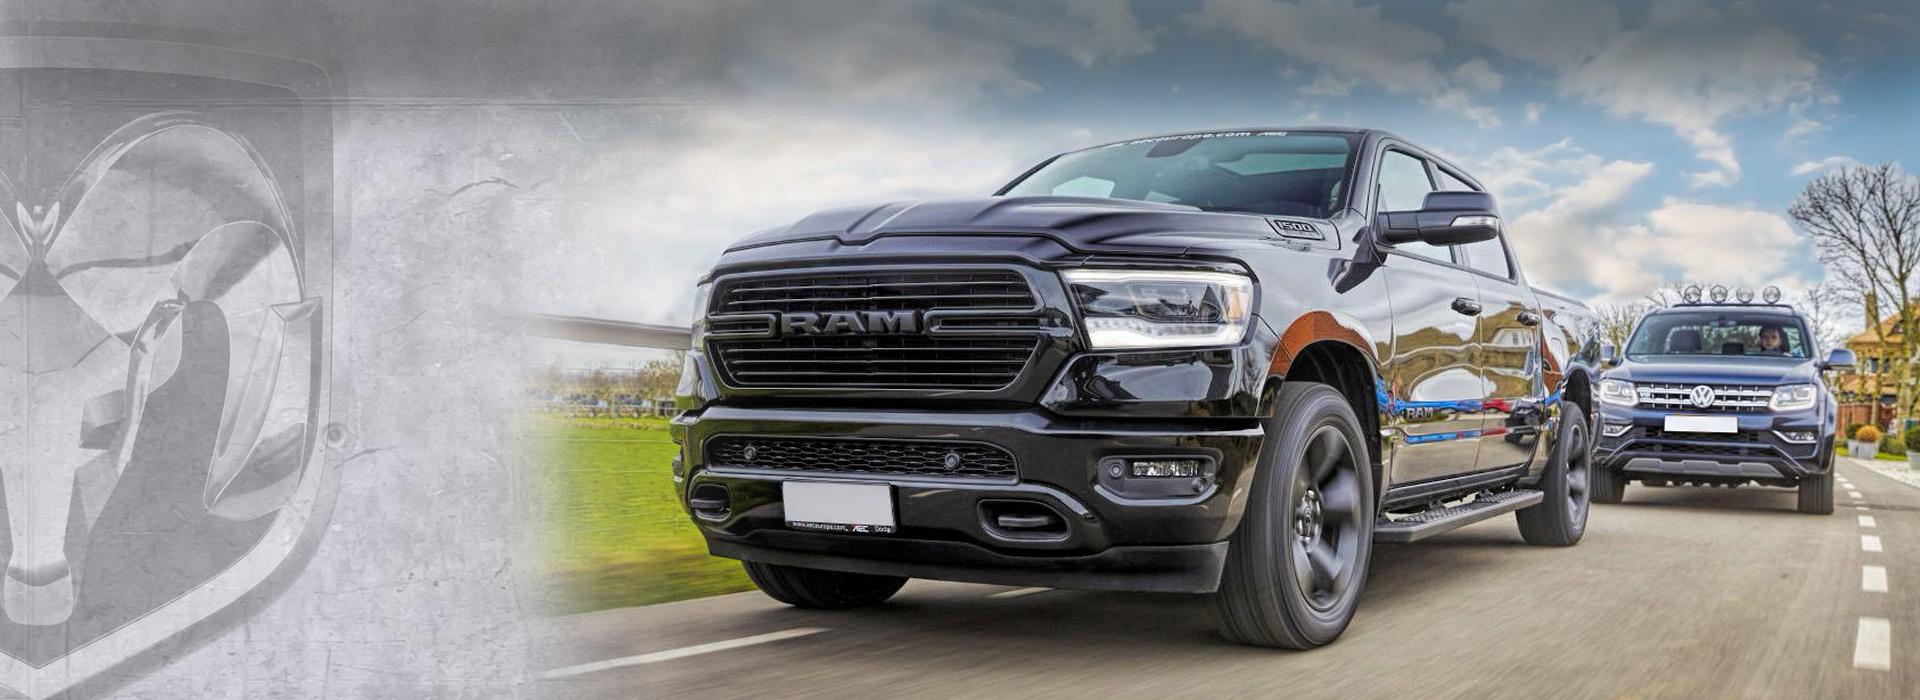 Ram Trucks 1500 testvinnare